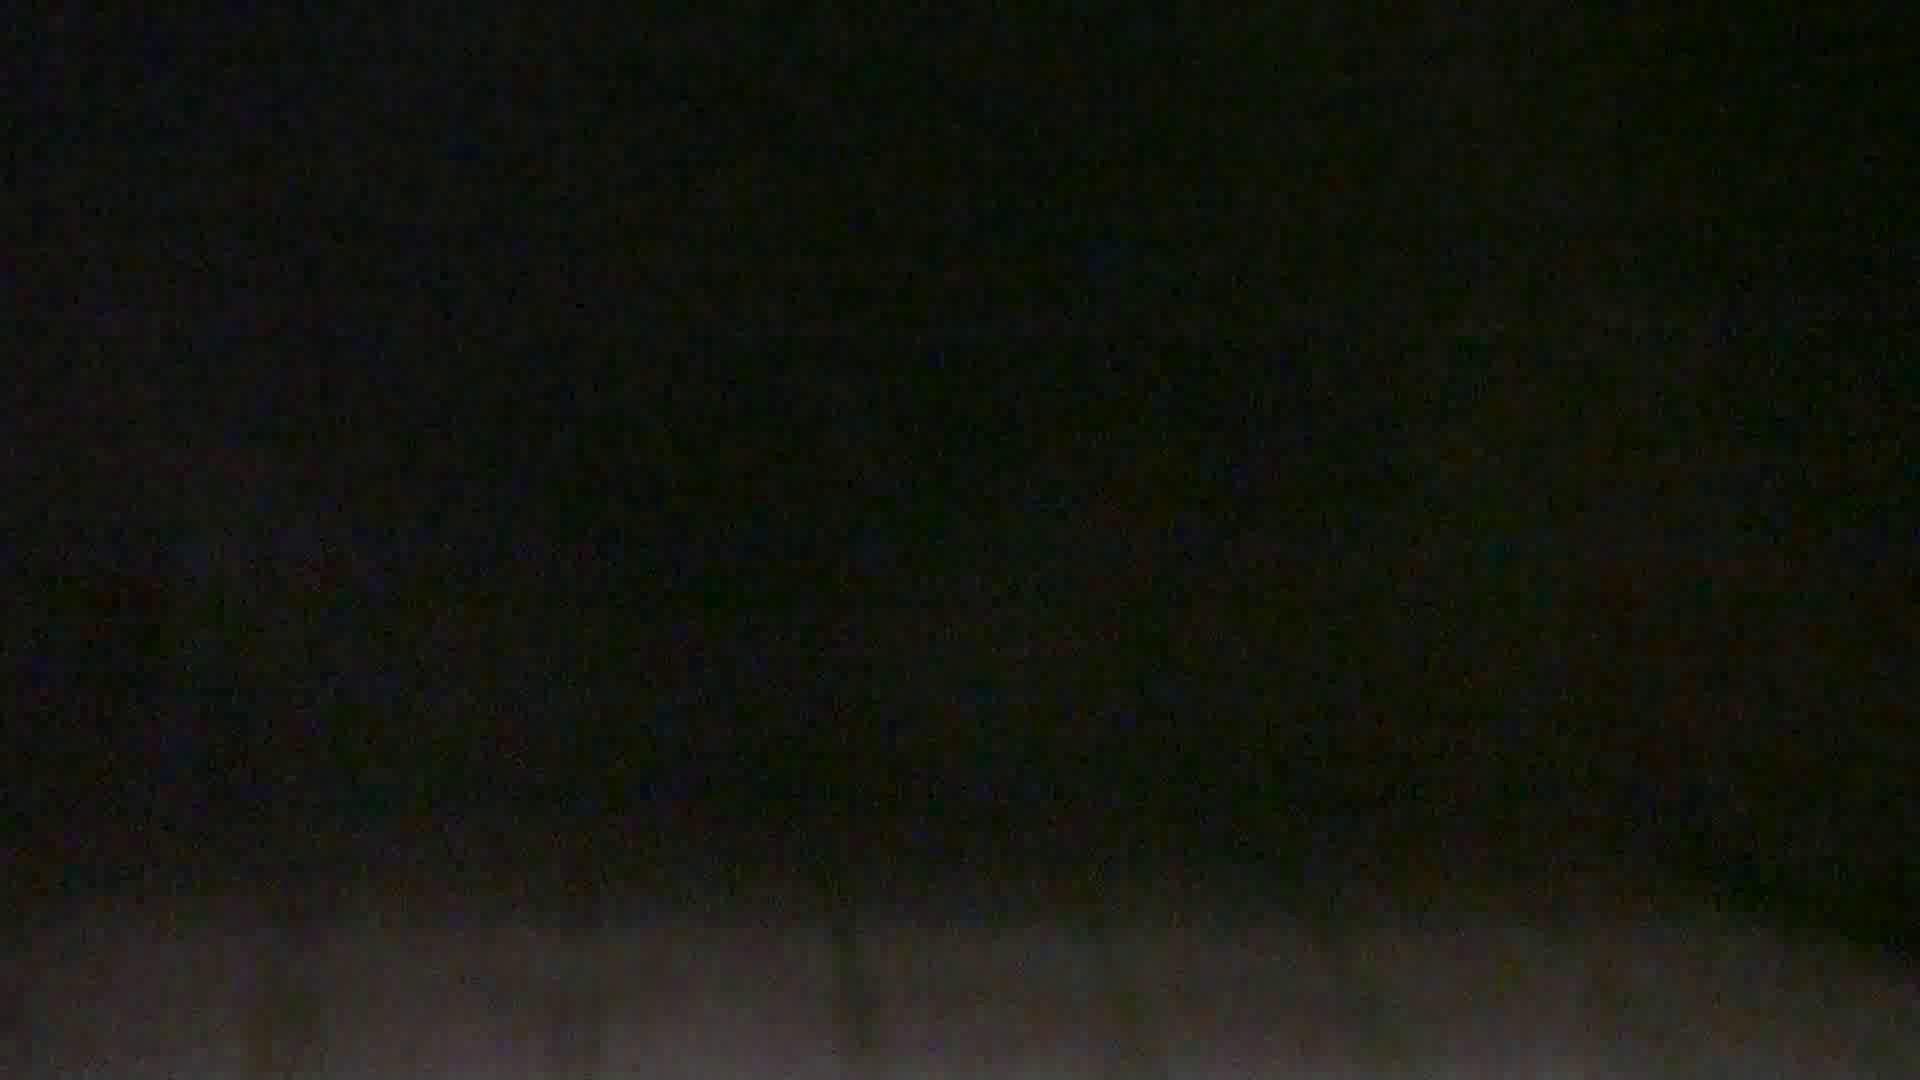 洗面所内潜入!同級生が同級生を盗撮! vol.04 潜入  95PIX 16